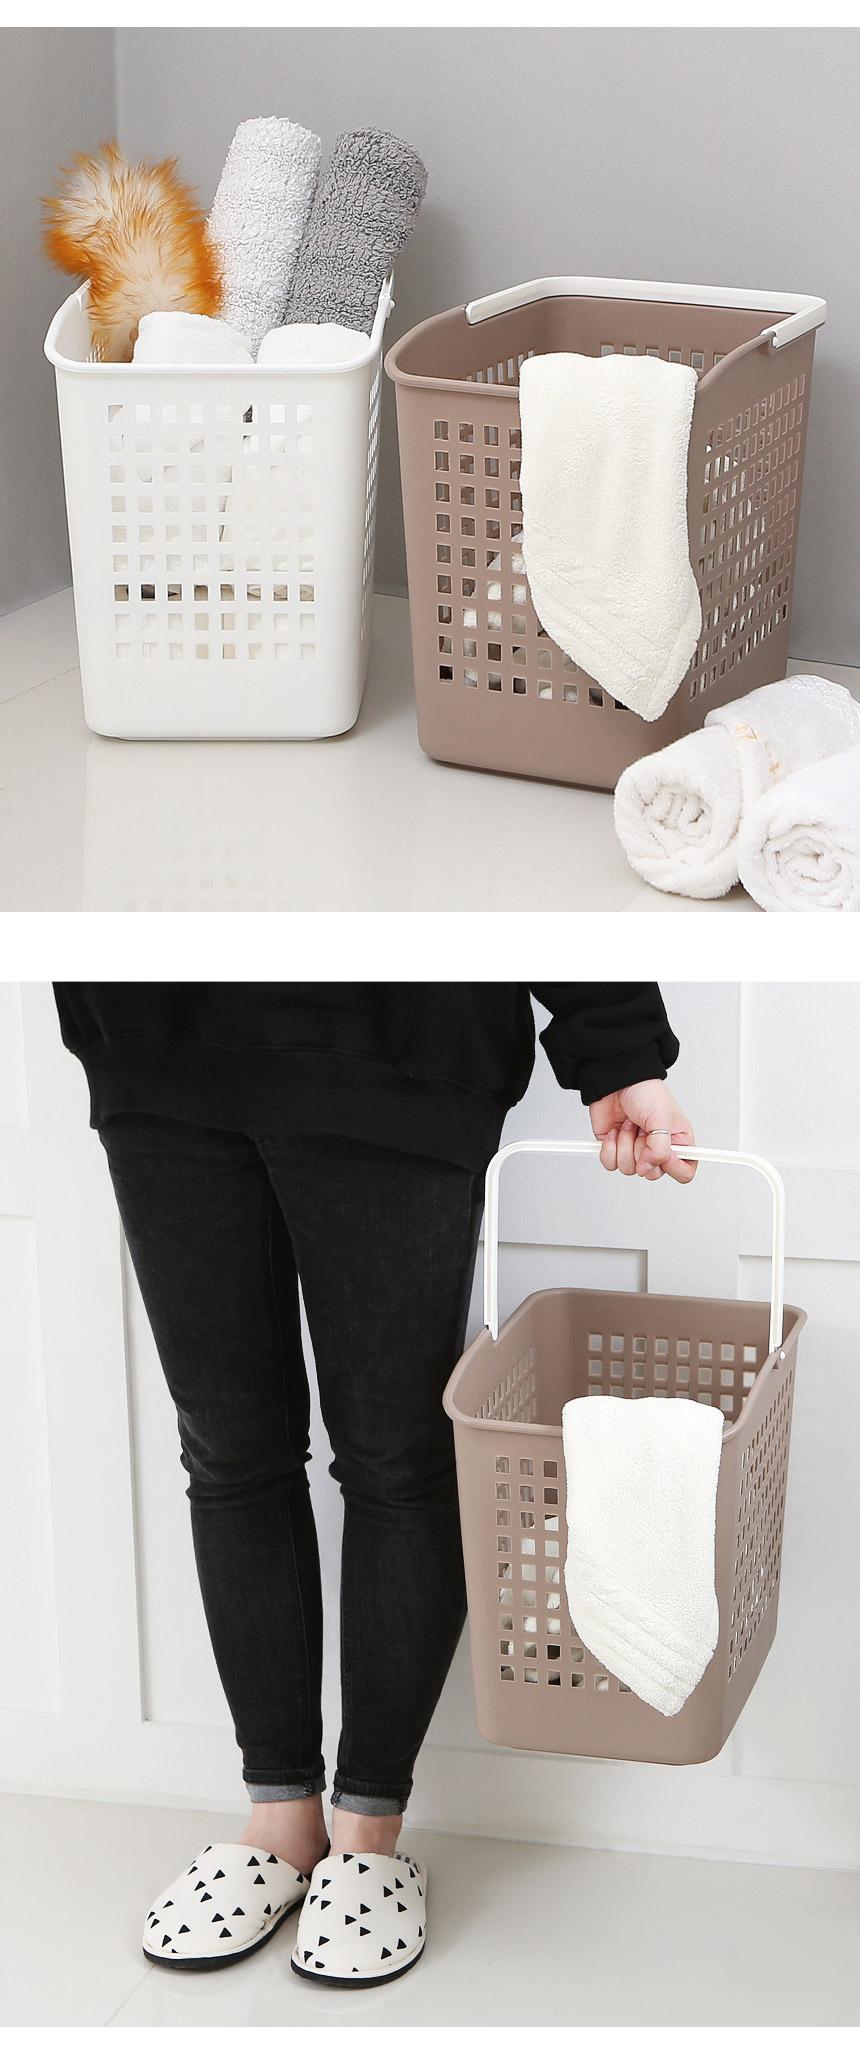 모던 손잡이 빨래바구니 - 더홈, 7,900원, 세탁용품, 빨래바구니